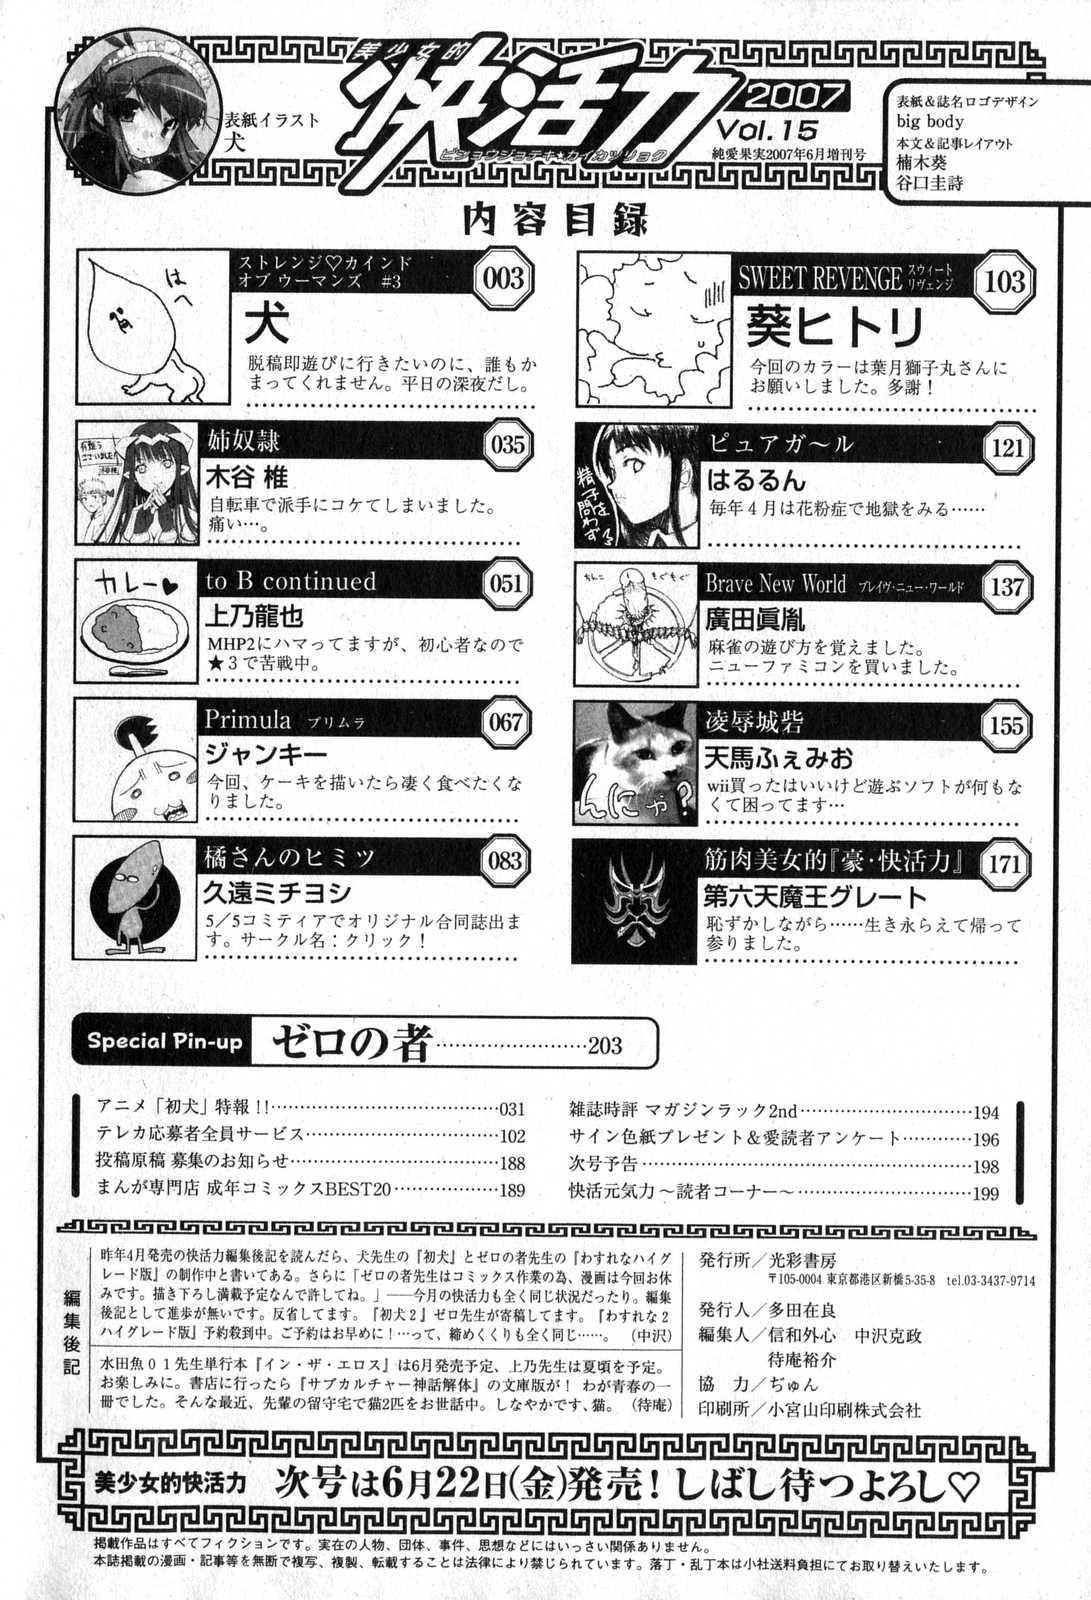 Bishoujo Teki Kaikatsu Ryoku 2007 Vol.15 201